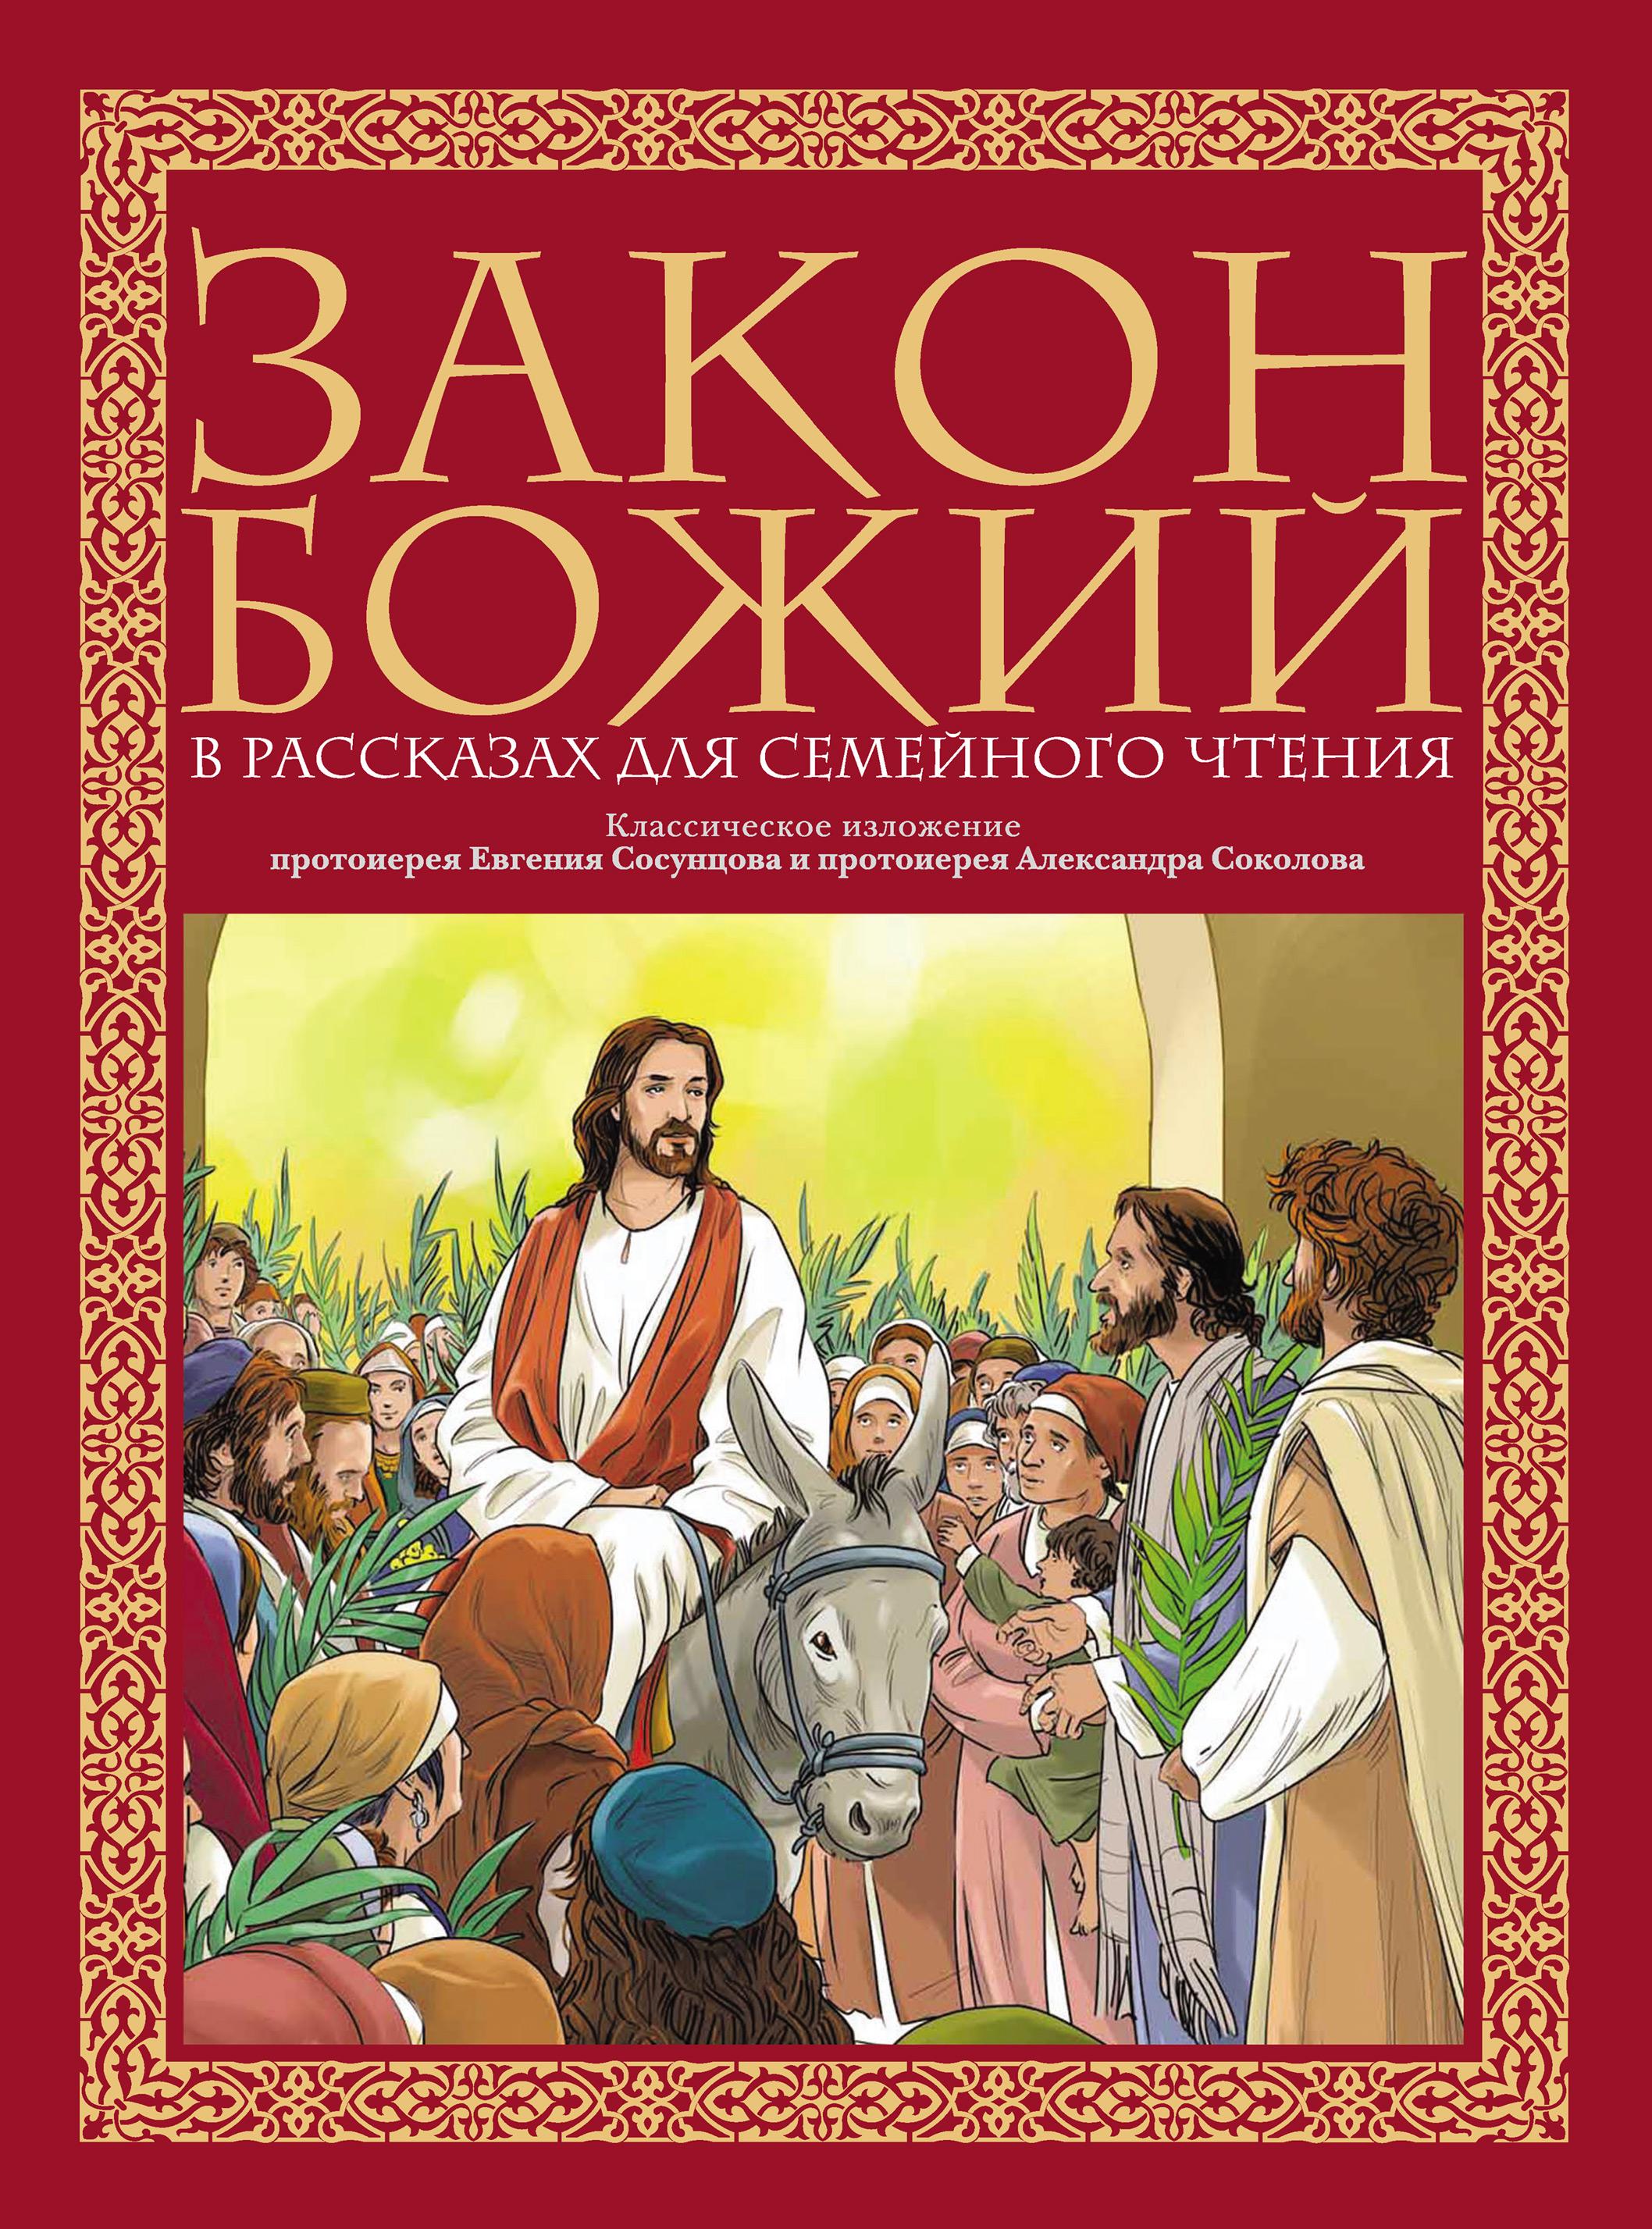 Фото - Отсутствует Закон Божий в рассказах для семейного чтения платон воздвиженский священная история библейские рассказы для детей